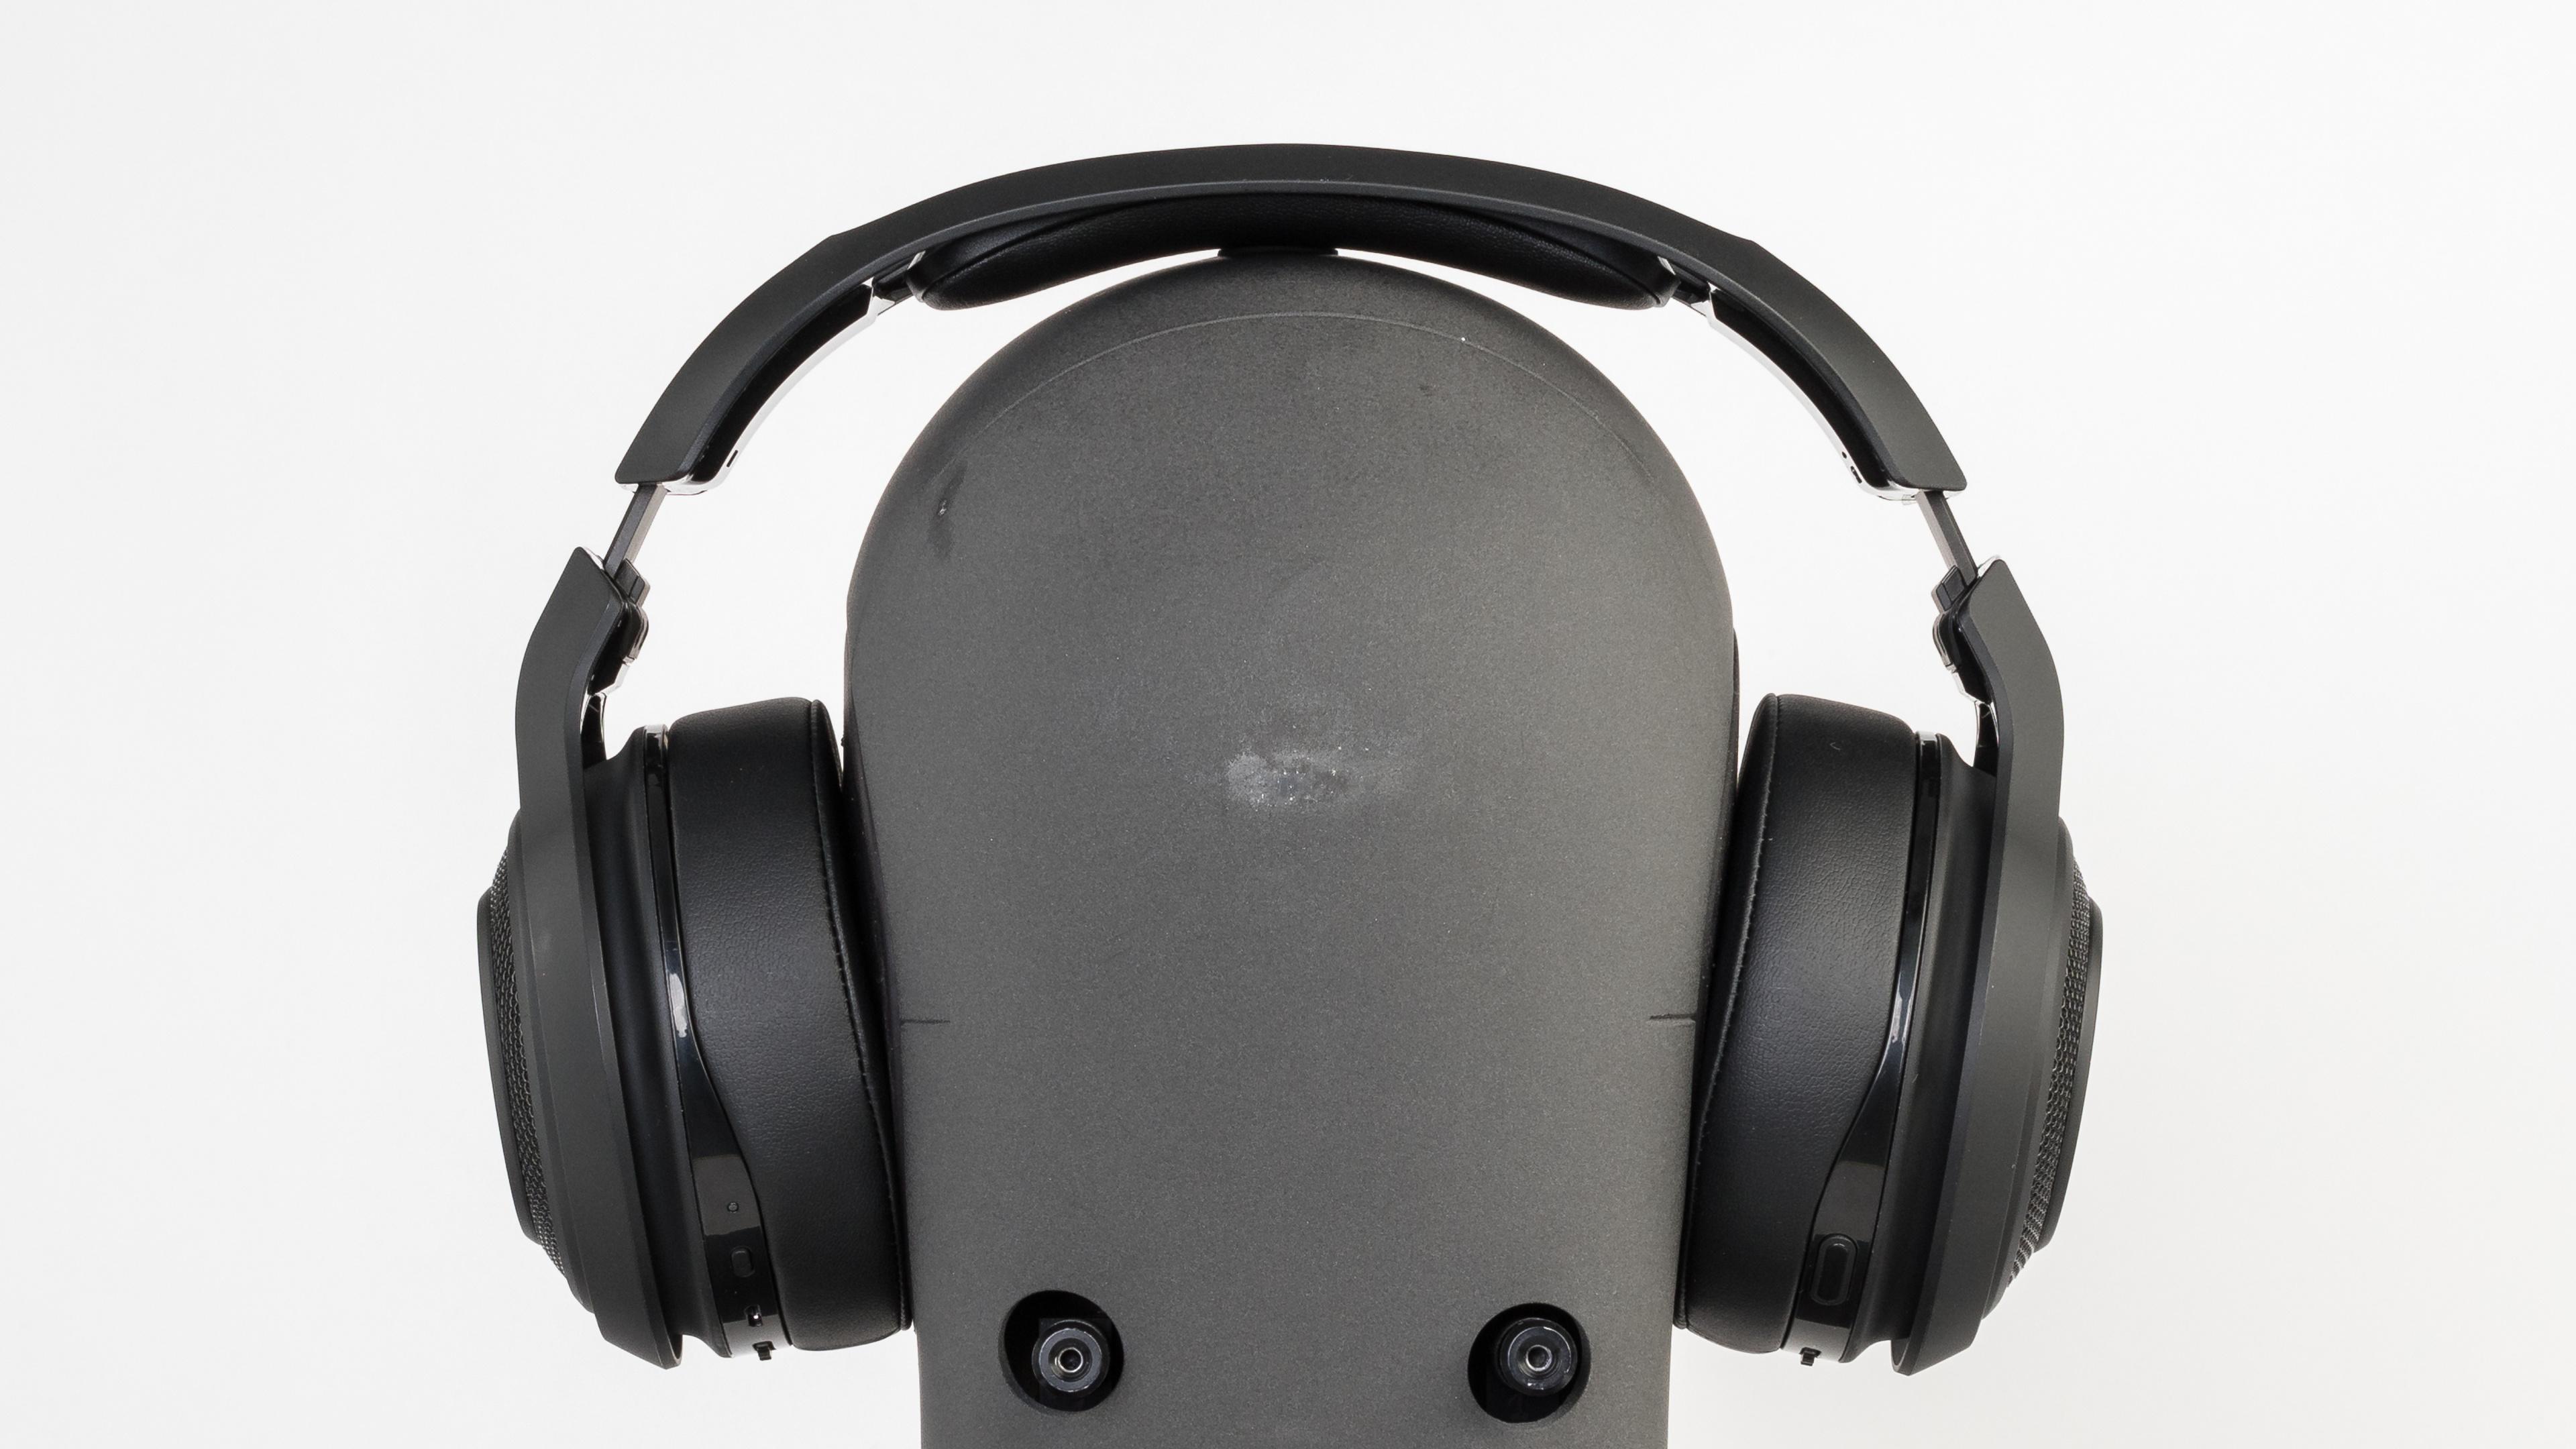 Headphones lightweight wireless - wireless headphones gaming razer